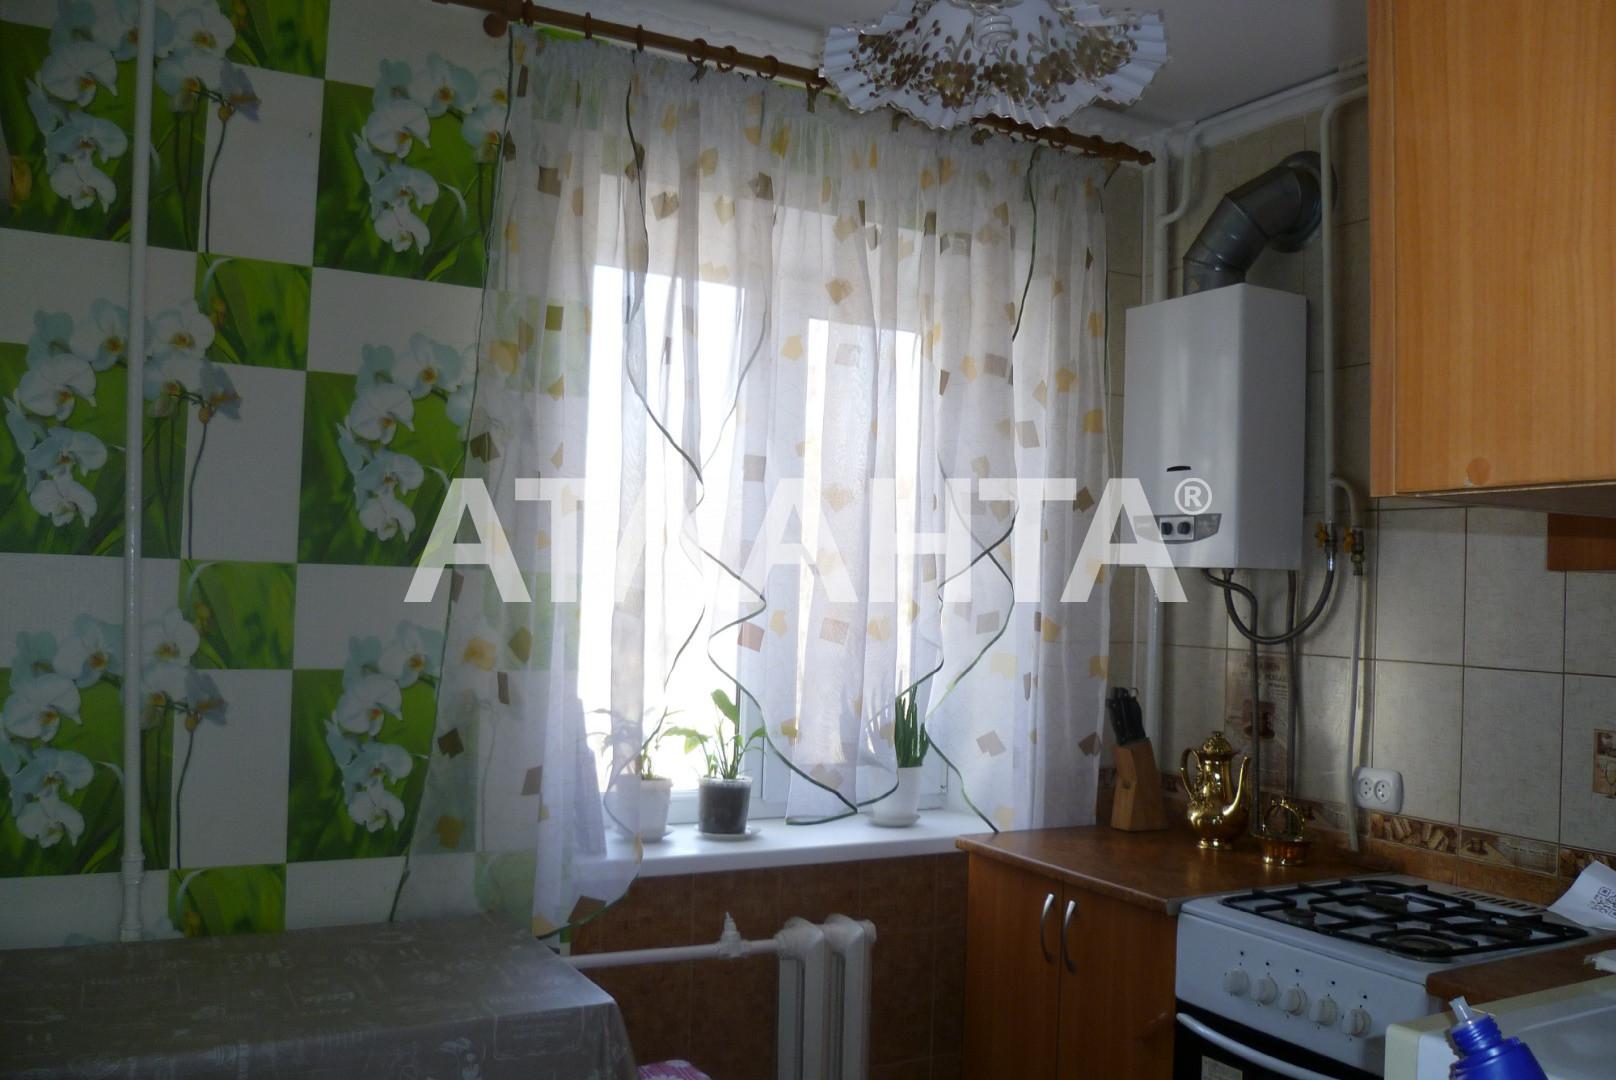 Продается 2-комнатная Квартира на ул. Среднефонтанская — 38 000 у.е. (фото №6)